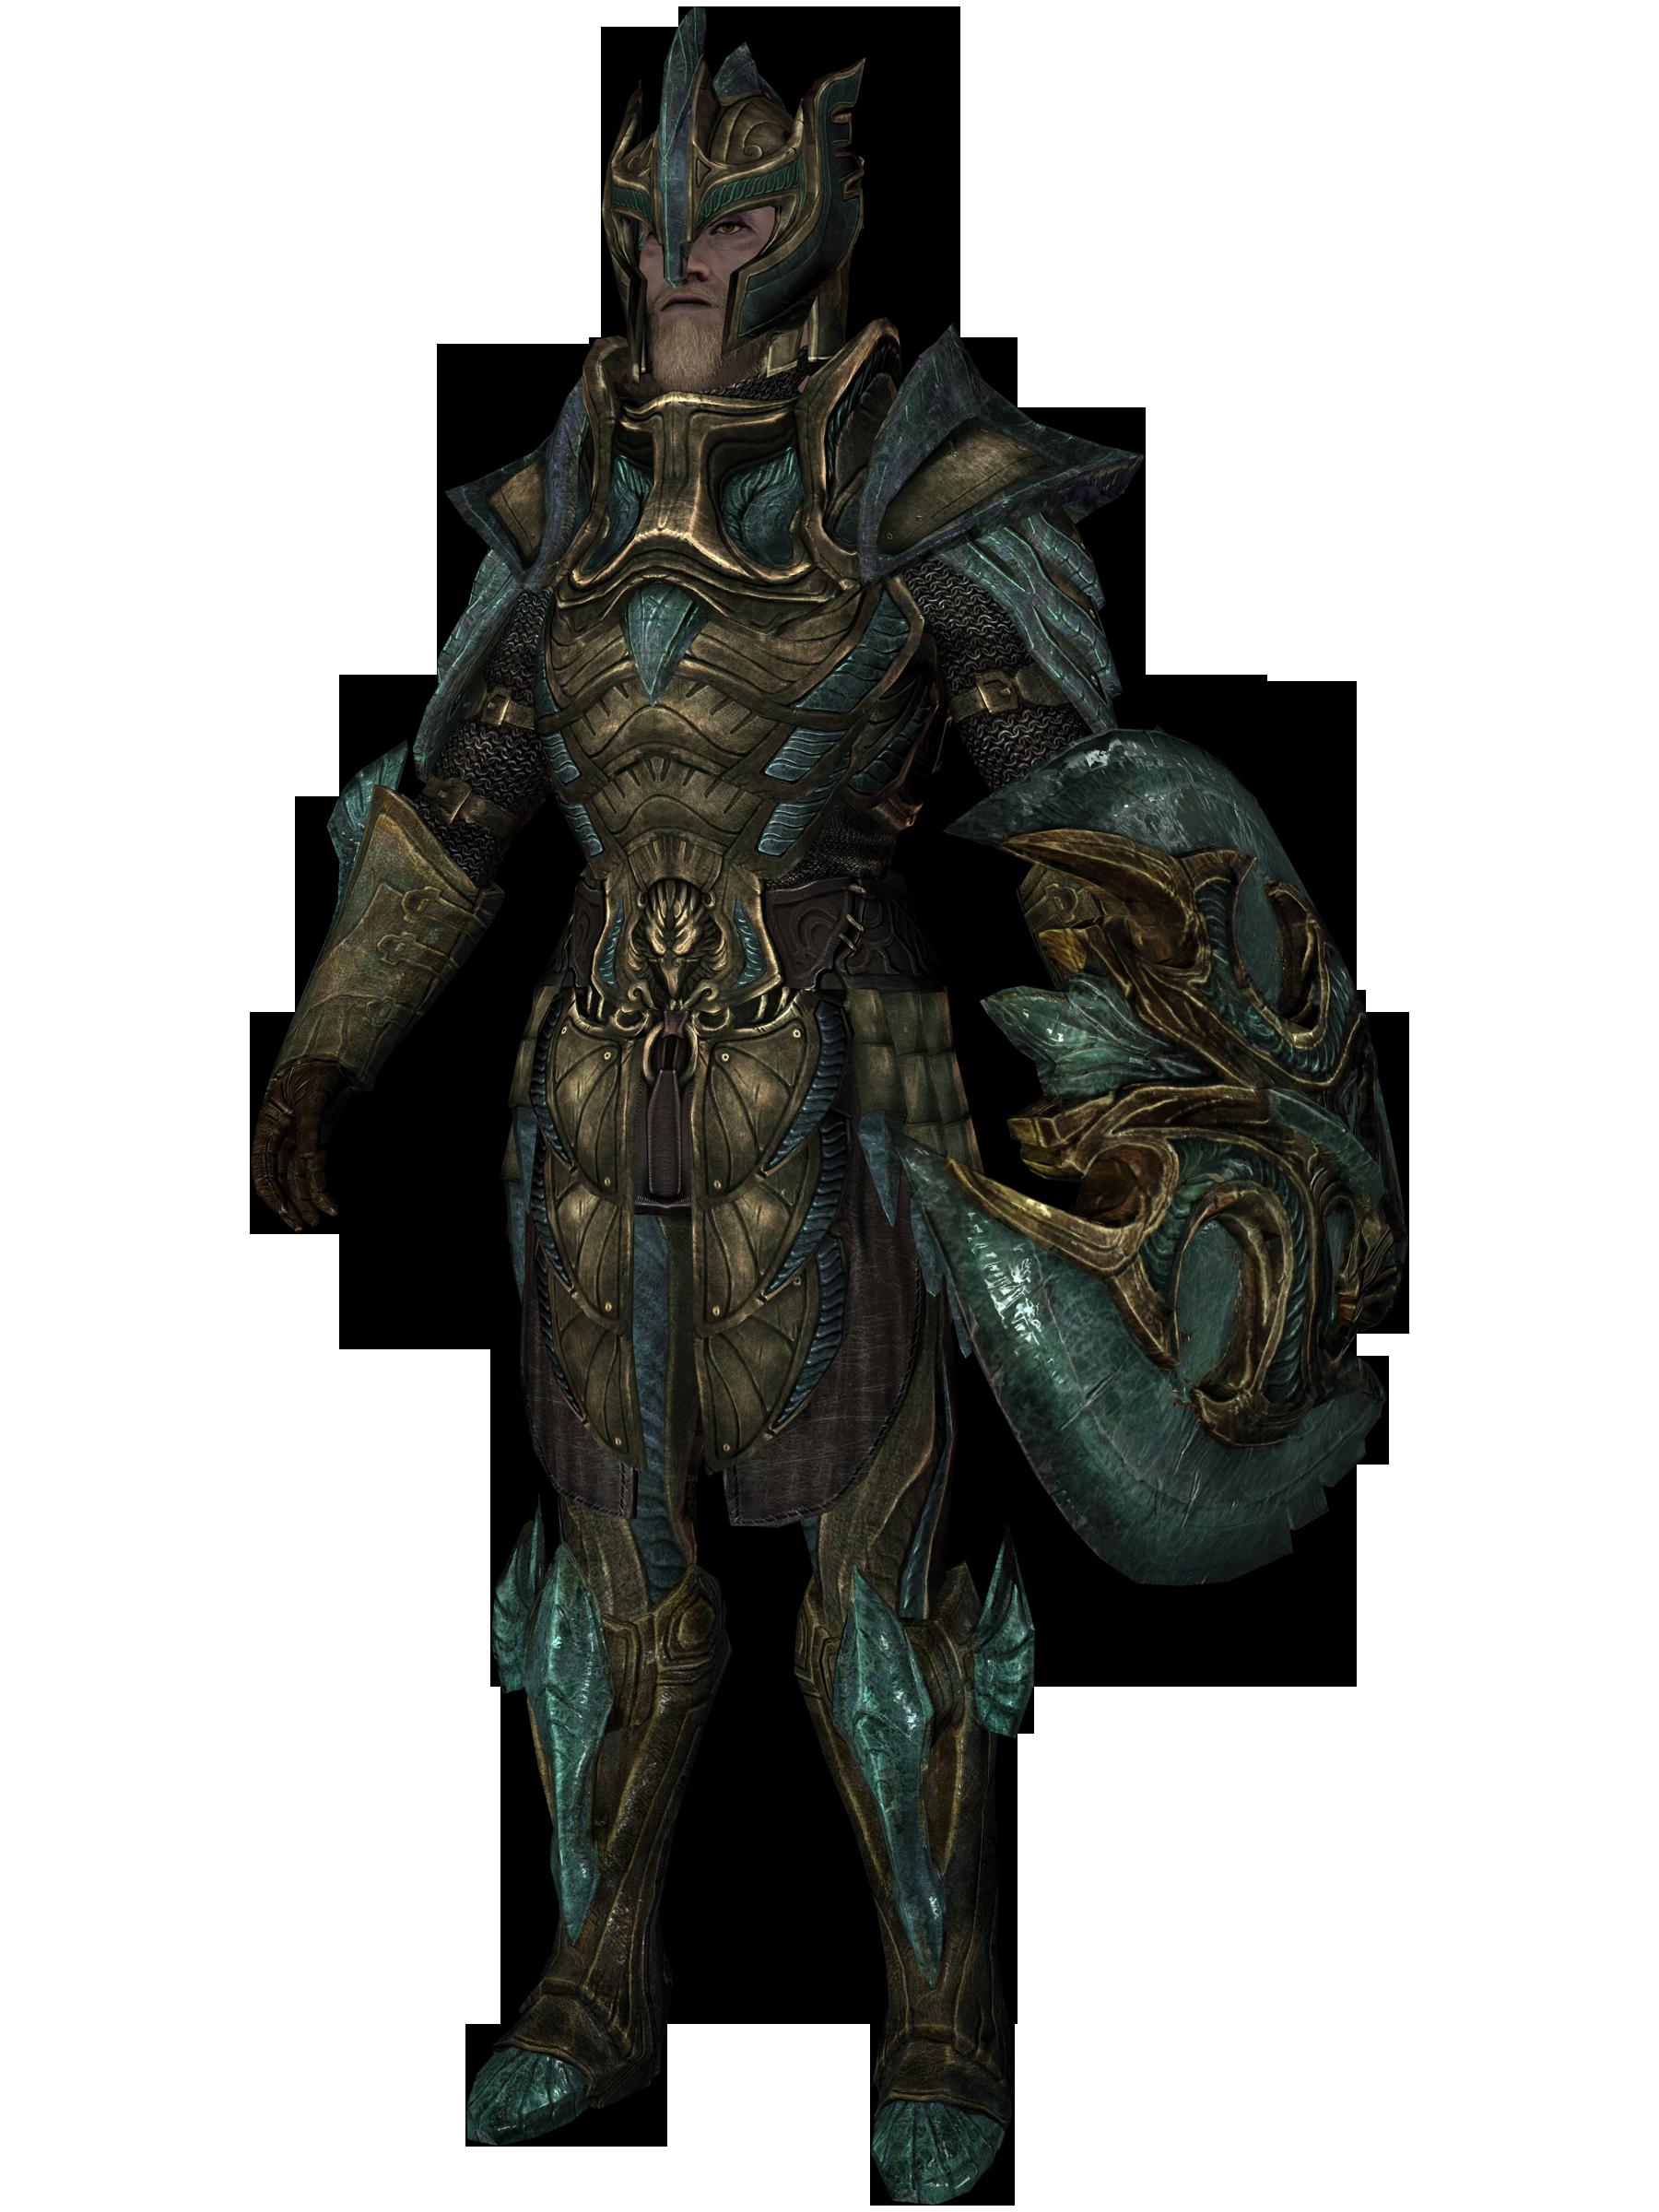 glass armor skyrim elder scrolls fandom powered by wikia